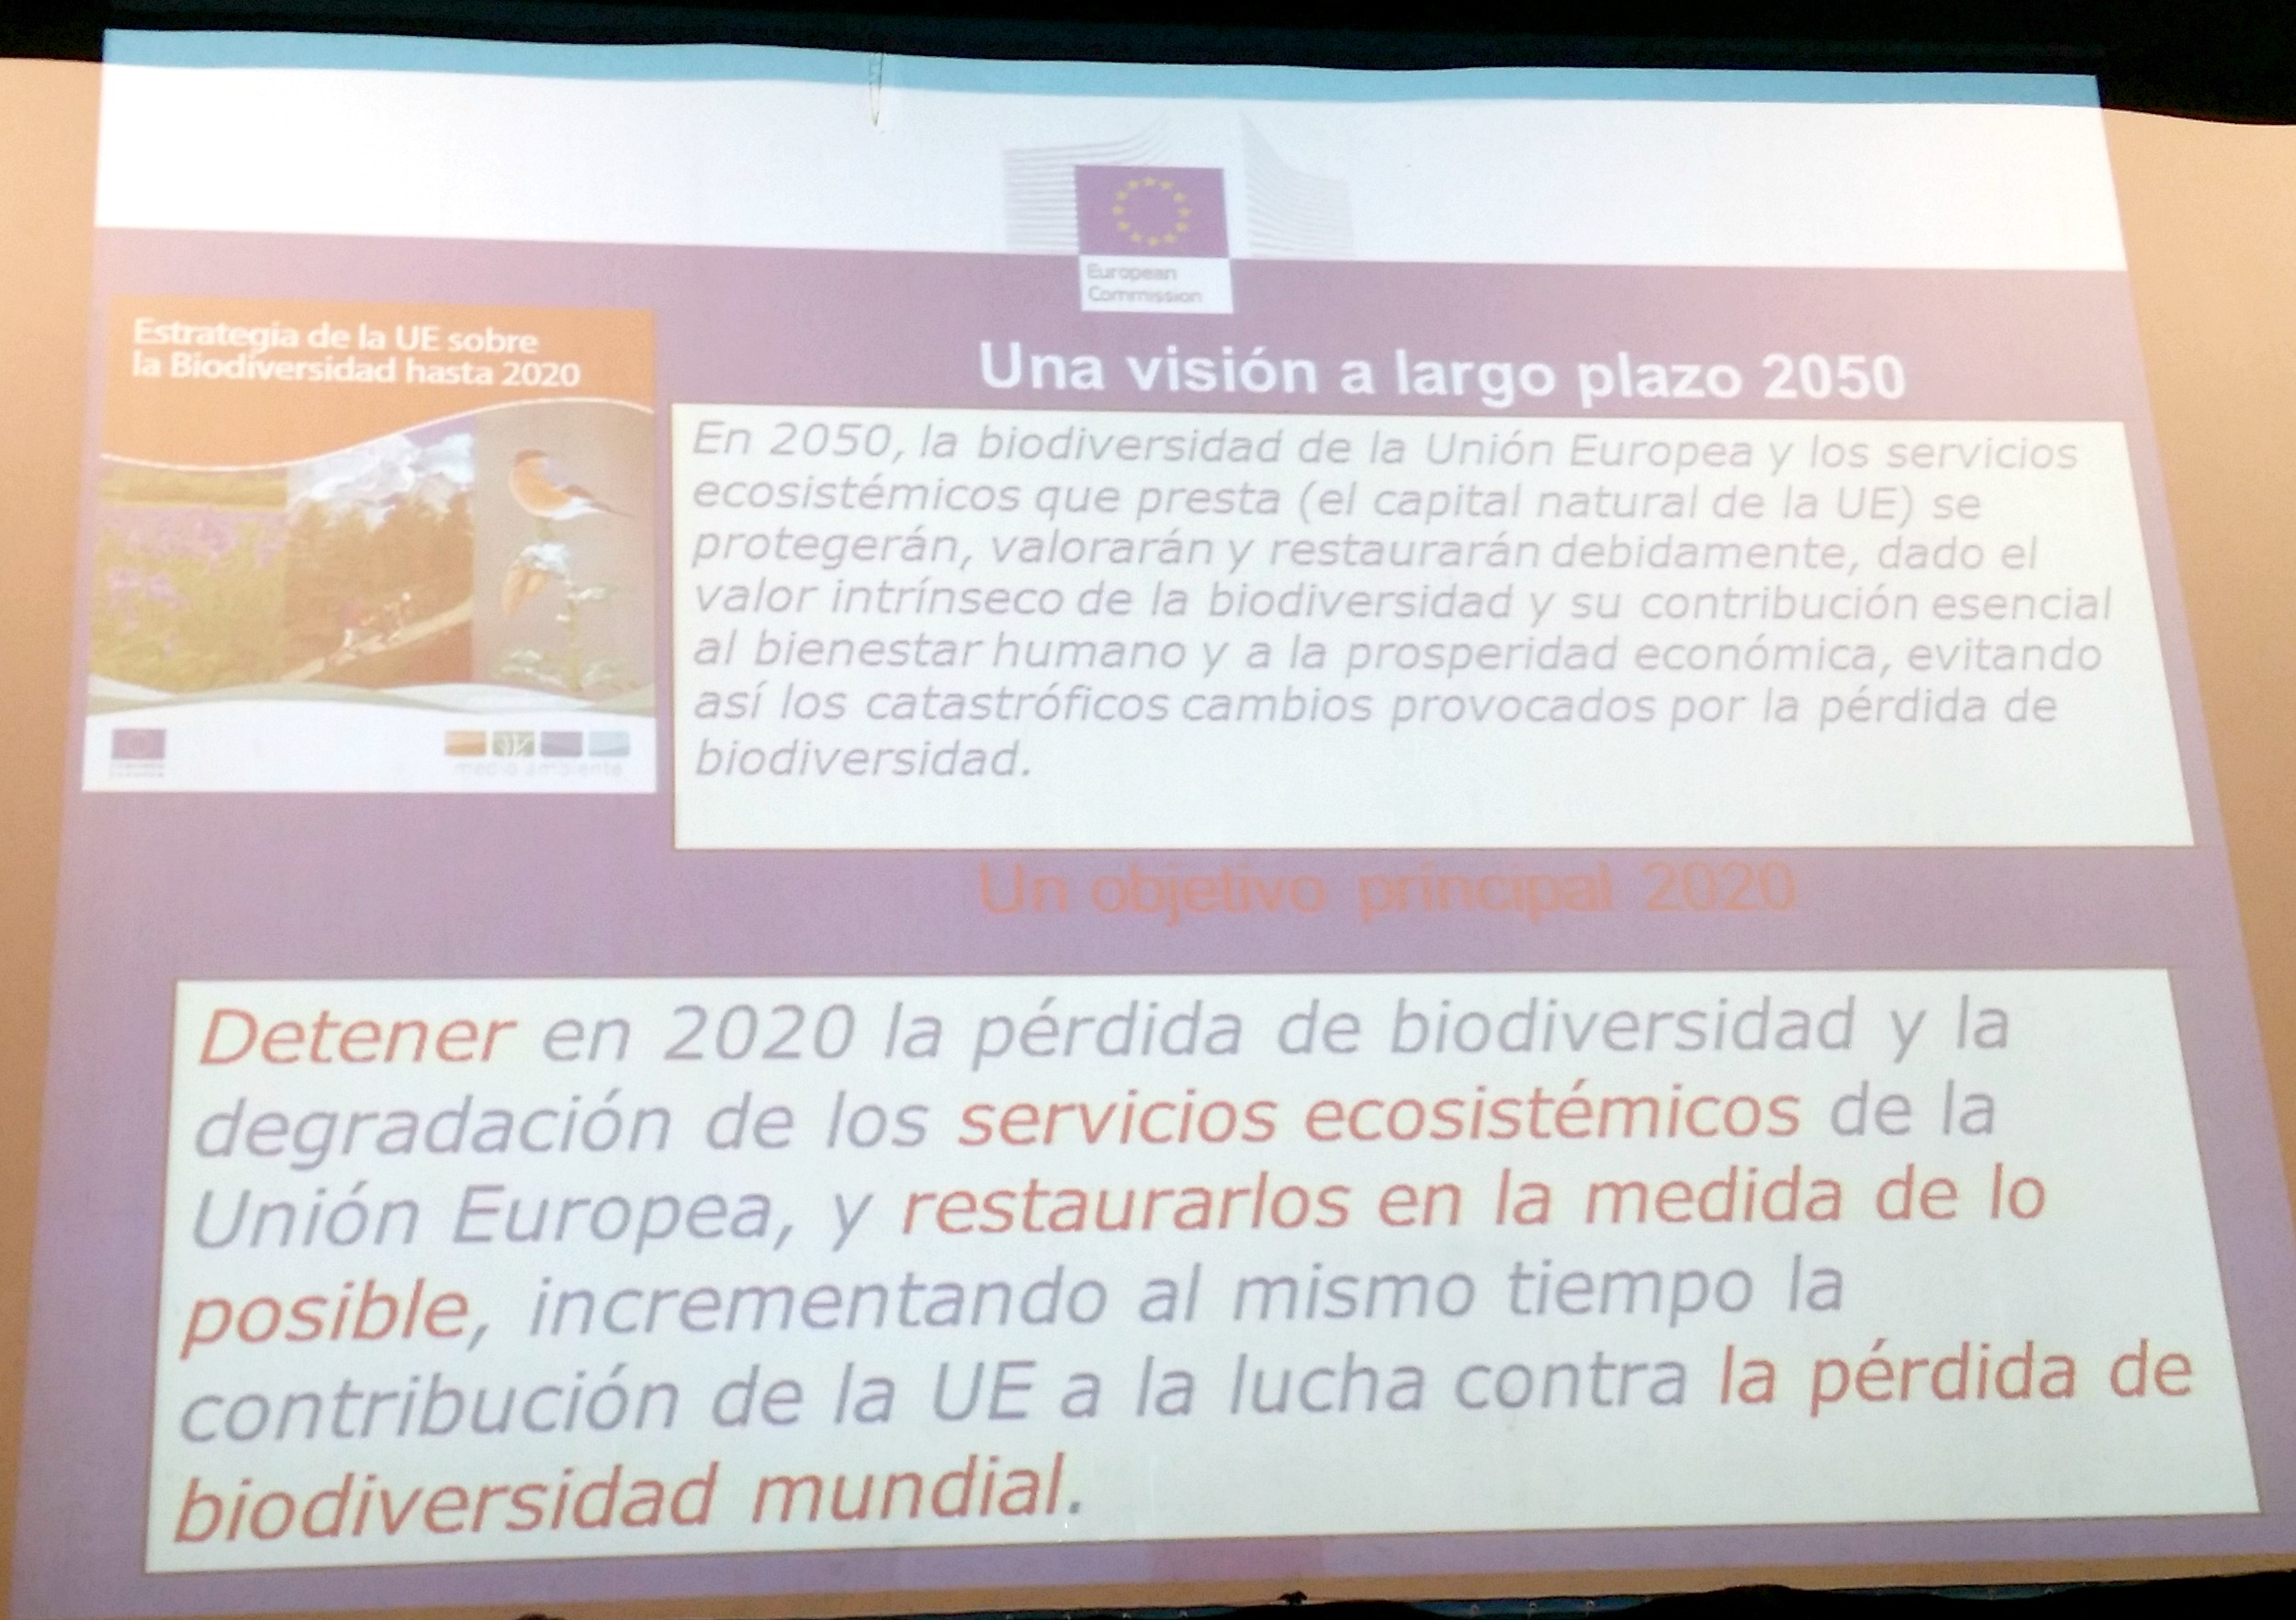 Entre las metas prioritarias de la Estrategia Europea de Biodiversidad para 2020, se cuenta la puesta en práctica de la legislación sobre naturaleza; mantener y restaurar los ecosistemas; impulsar la agricultura, silvicultura y pesca sostenibles; combatir las especies exóticas invasoras y detener la pérdida global de biodiversidad.